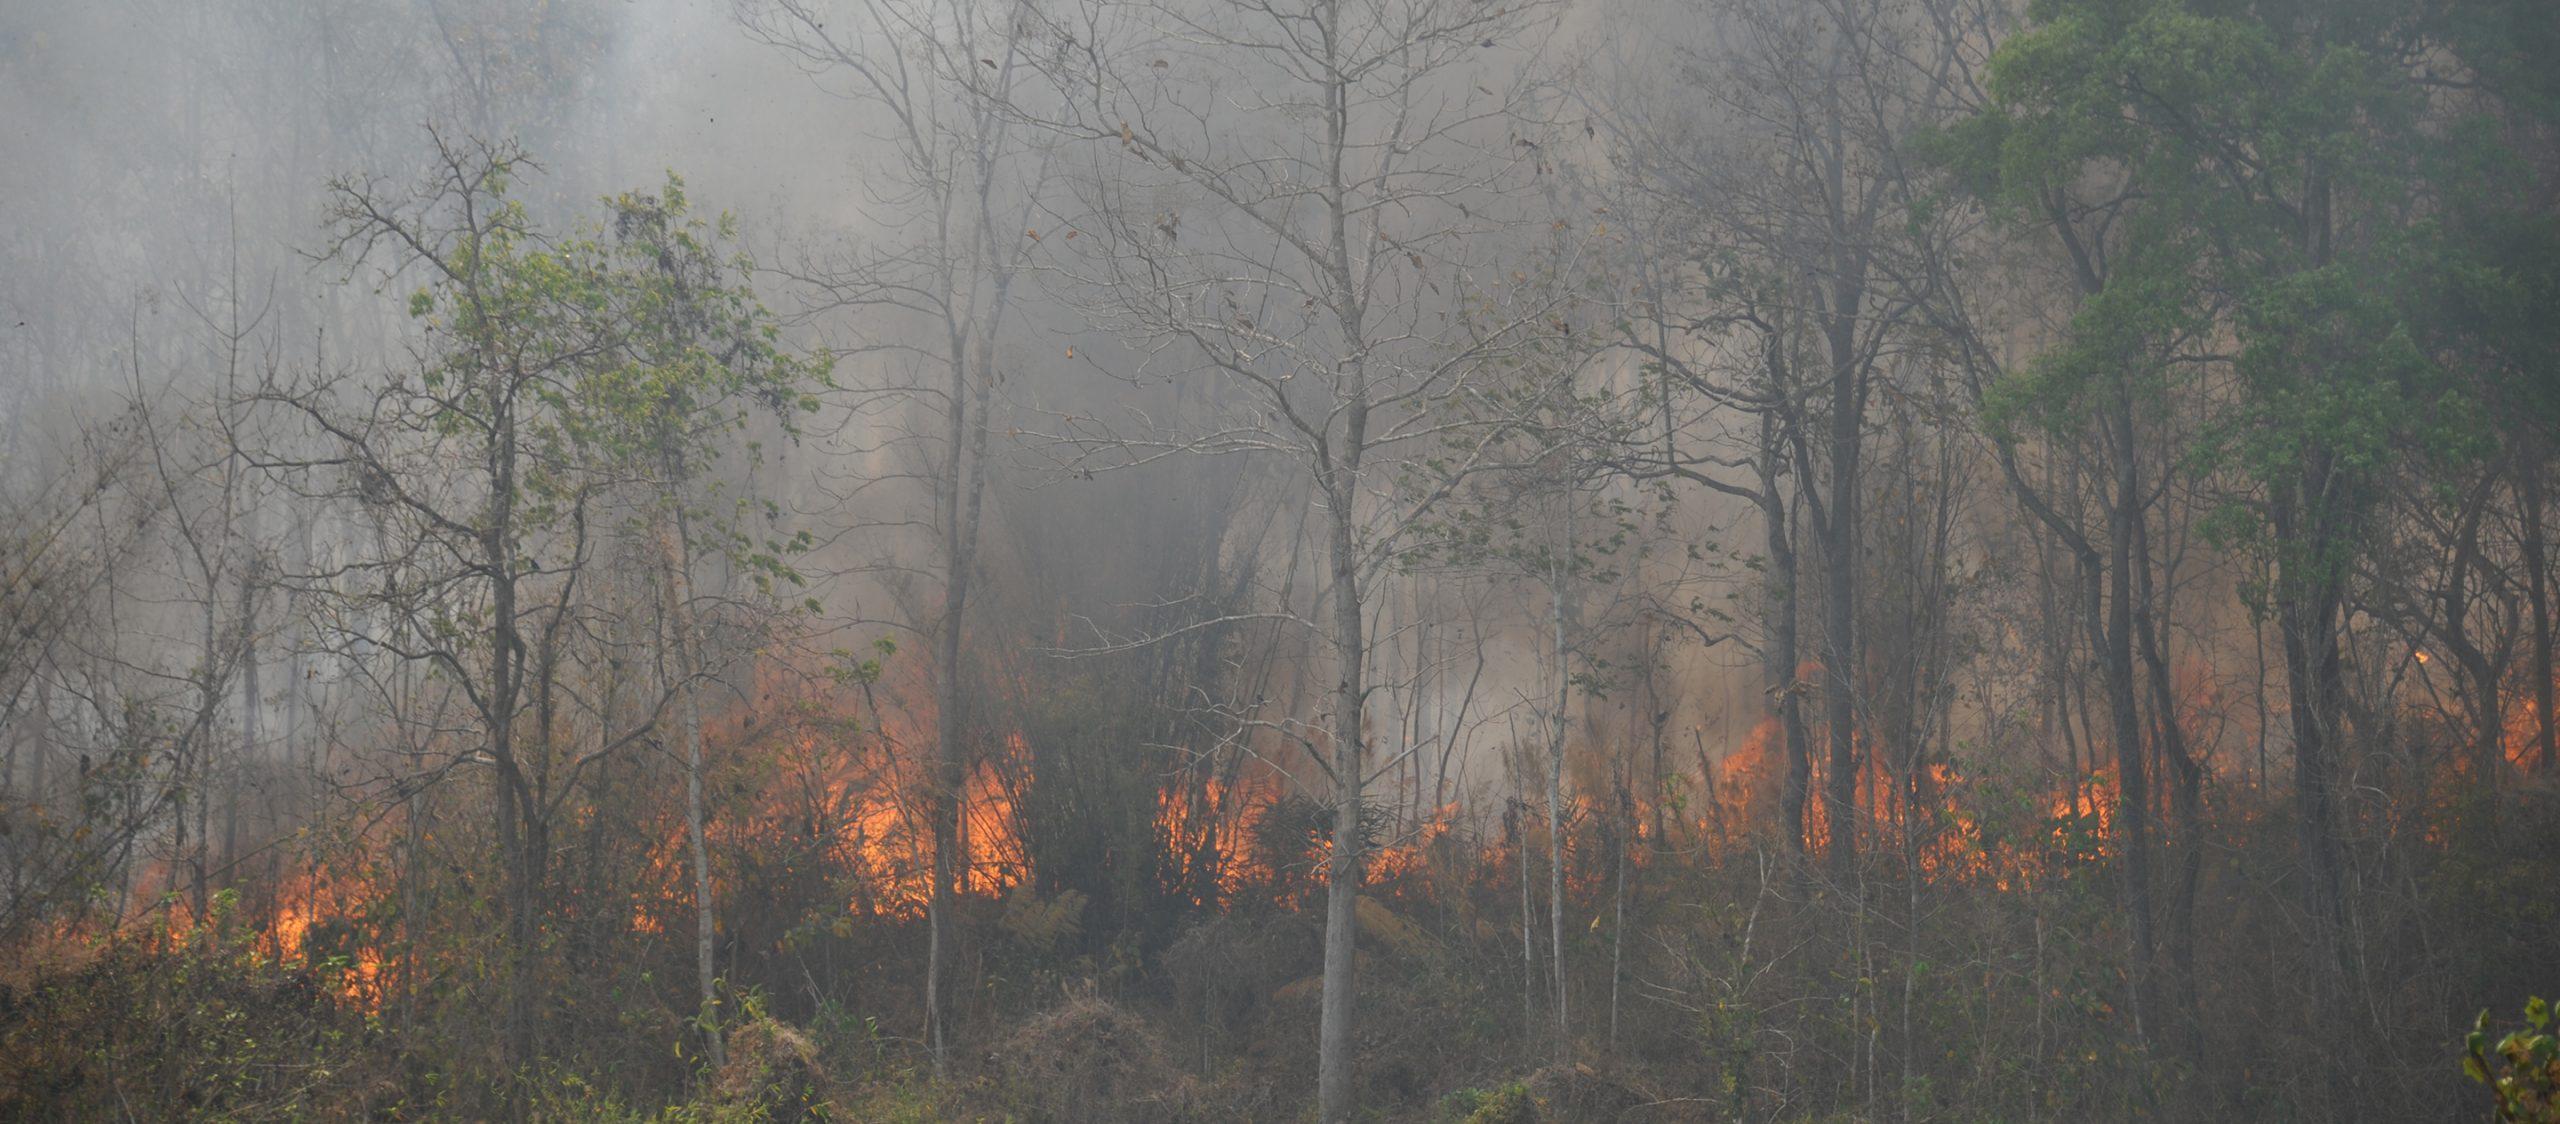 คุยกับ นิคม พุทธา เรี่ยวแรงหลักของผู้ผจญเพลิงในวันที่เชียงดาวกลายเป็นภูเขาไฟ